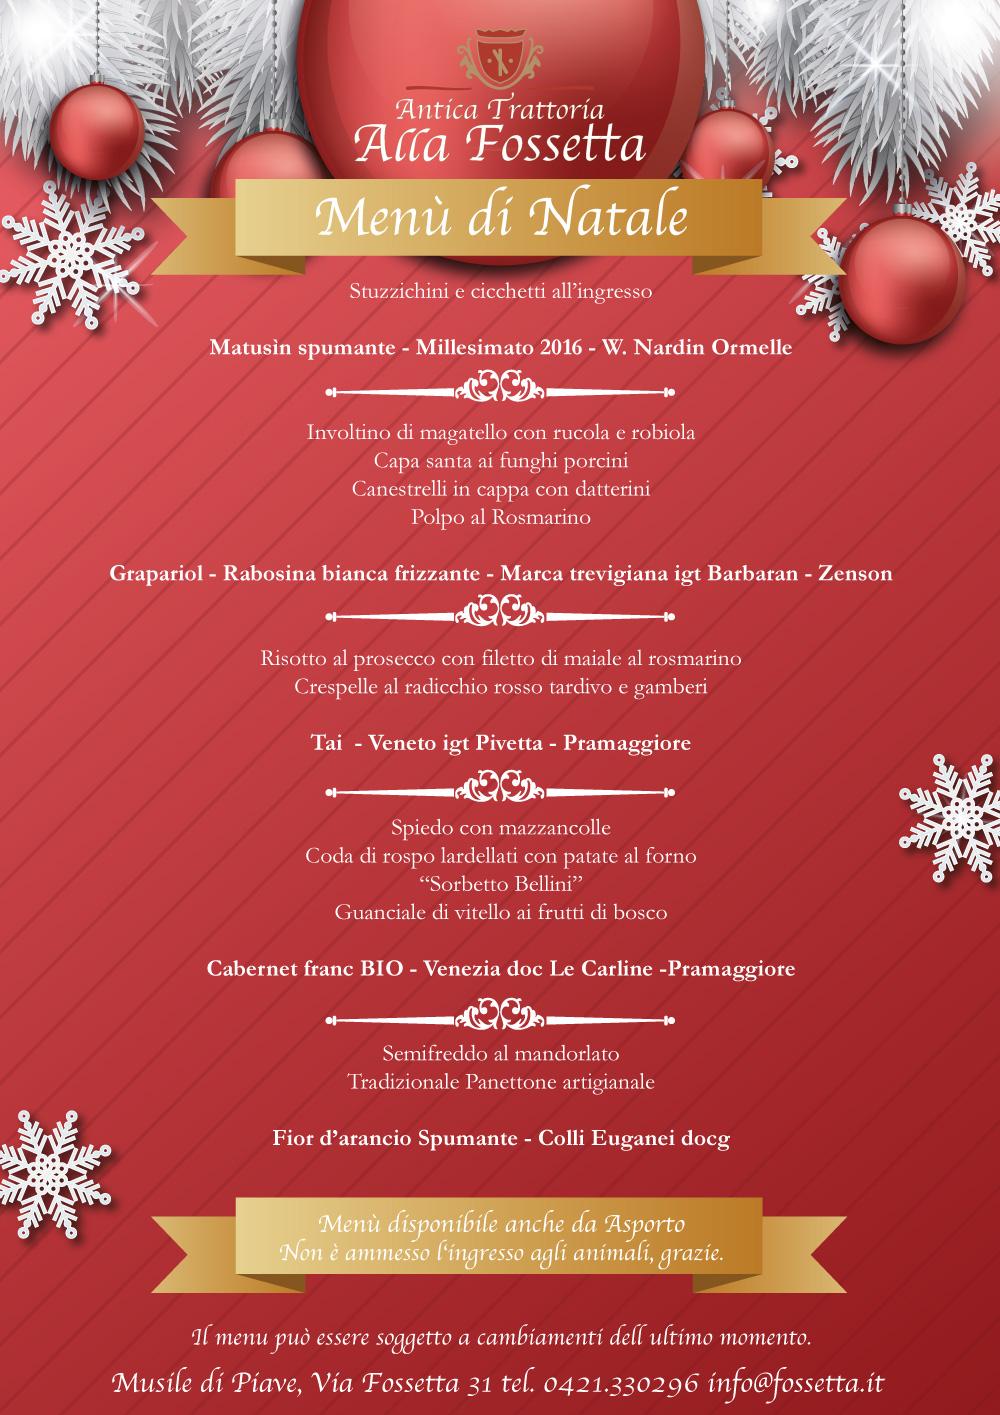 Menu Di Natale Tradizionale Veneto.Pranzo Di Natale La Fossetta